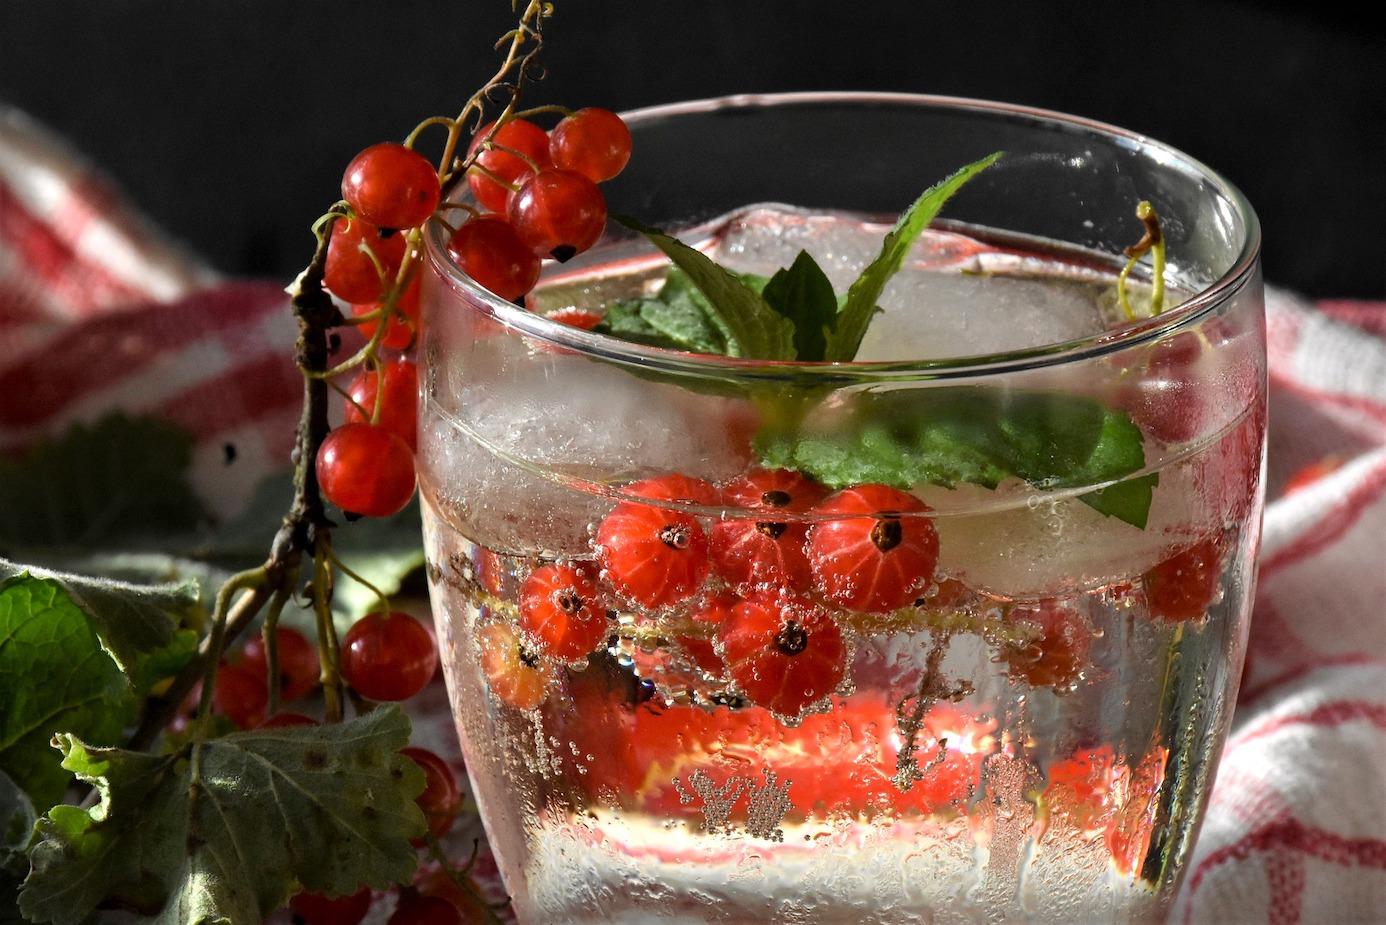 Nicht alles, was als alkoholfrei beworben wird, ist auch wirklich ohne Alkohol. Foto: RitaE/pixabay.com